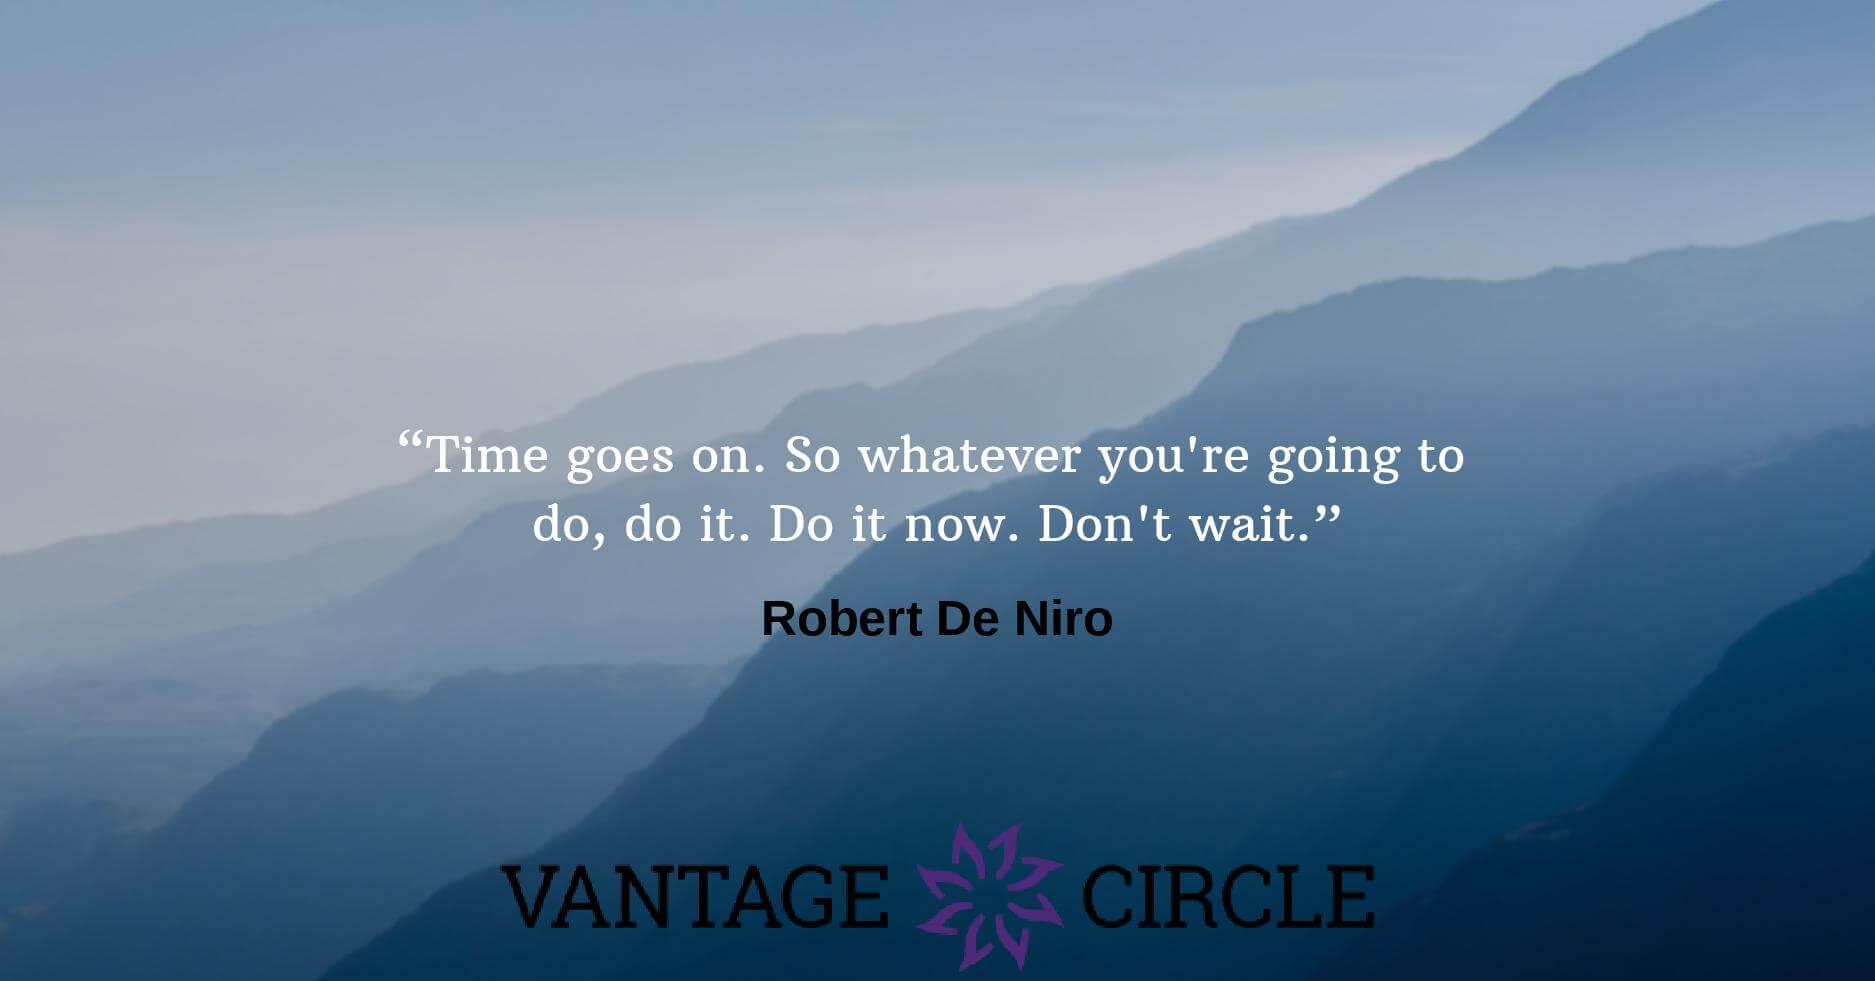 Employee-motivational-quotes-Robert-de-niro